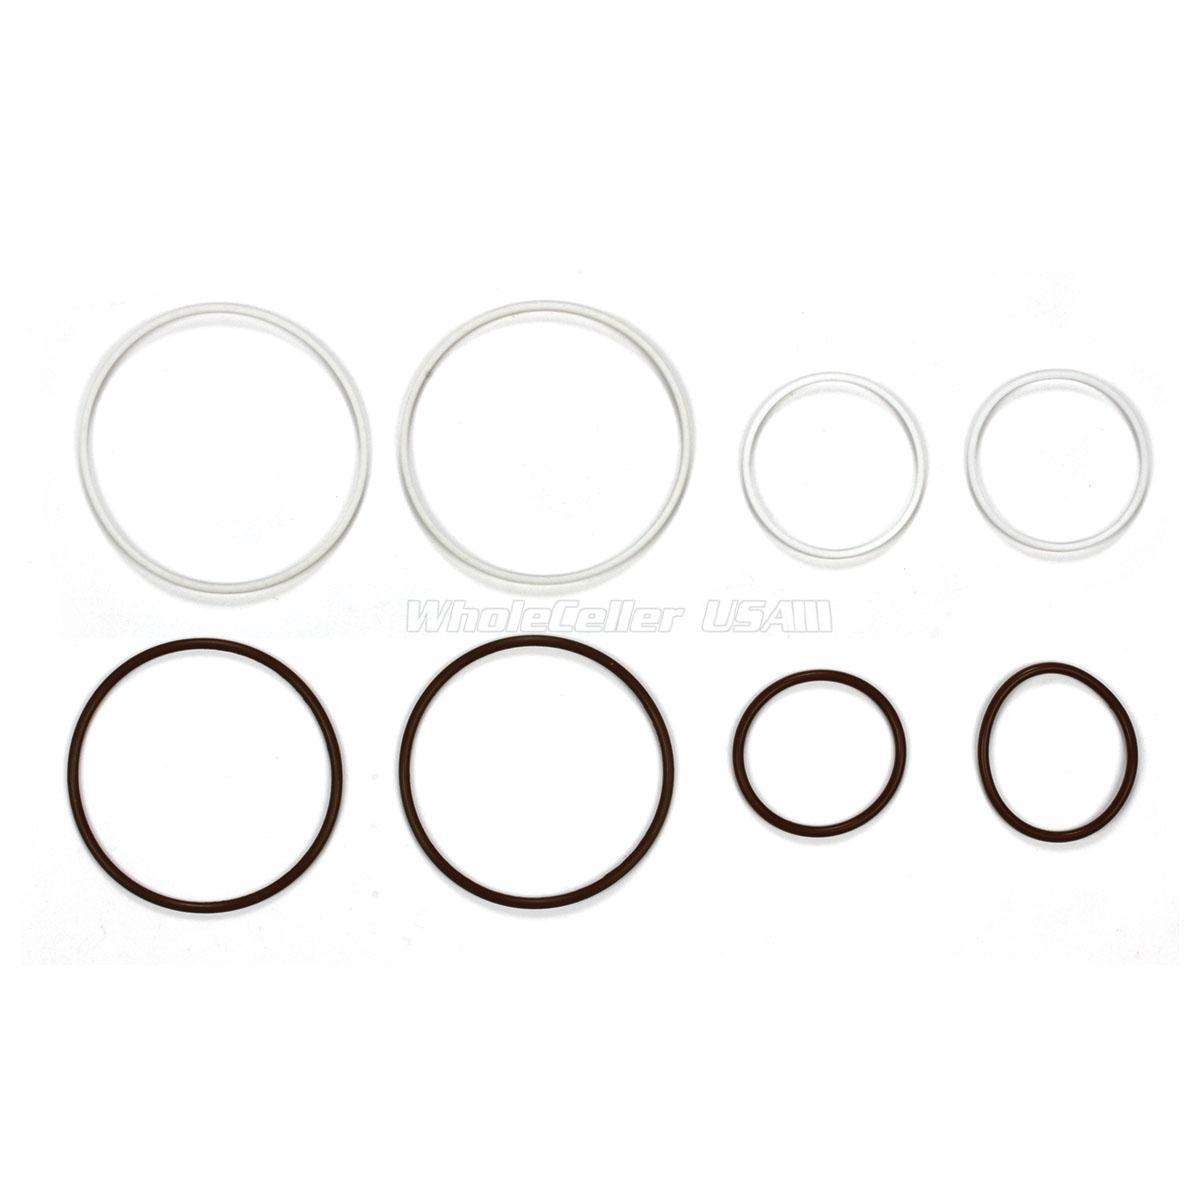 For BMW E36 E39 E46 E53 E60 2002-2005 VANOS Seals O-Ring